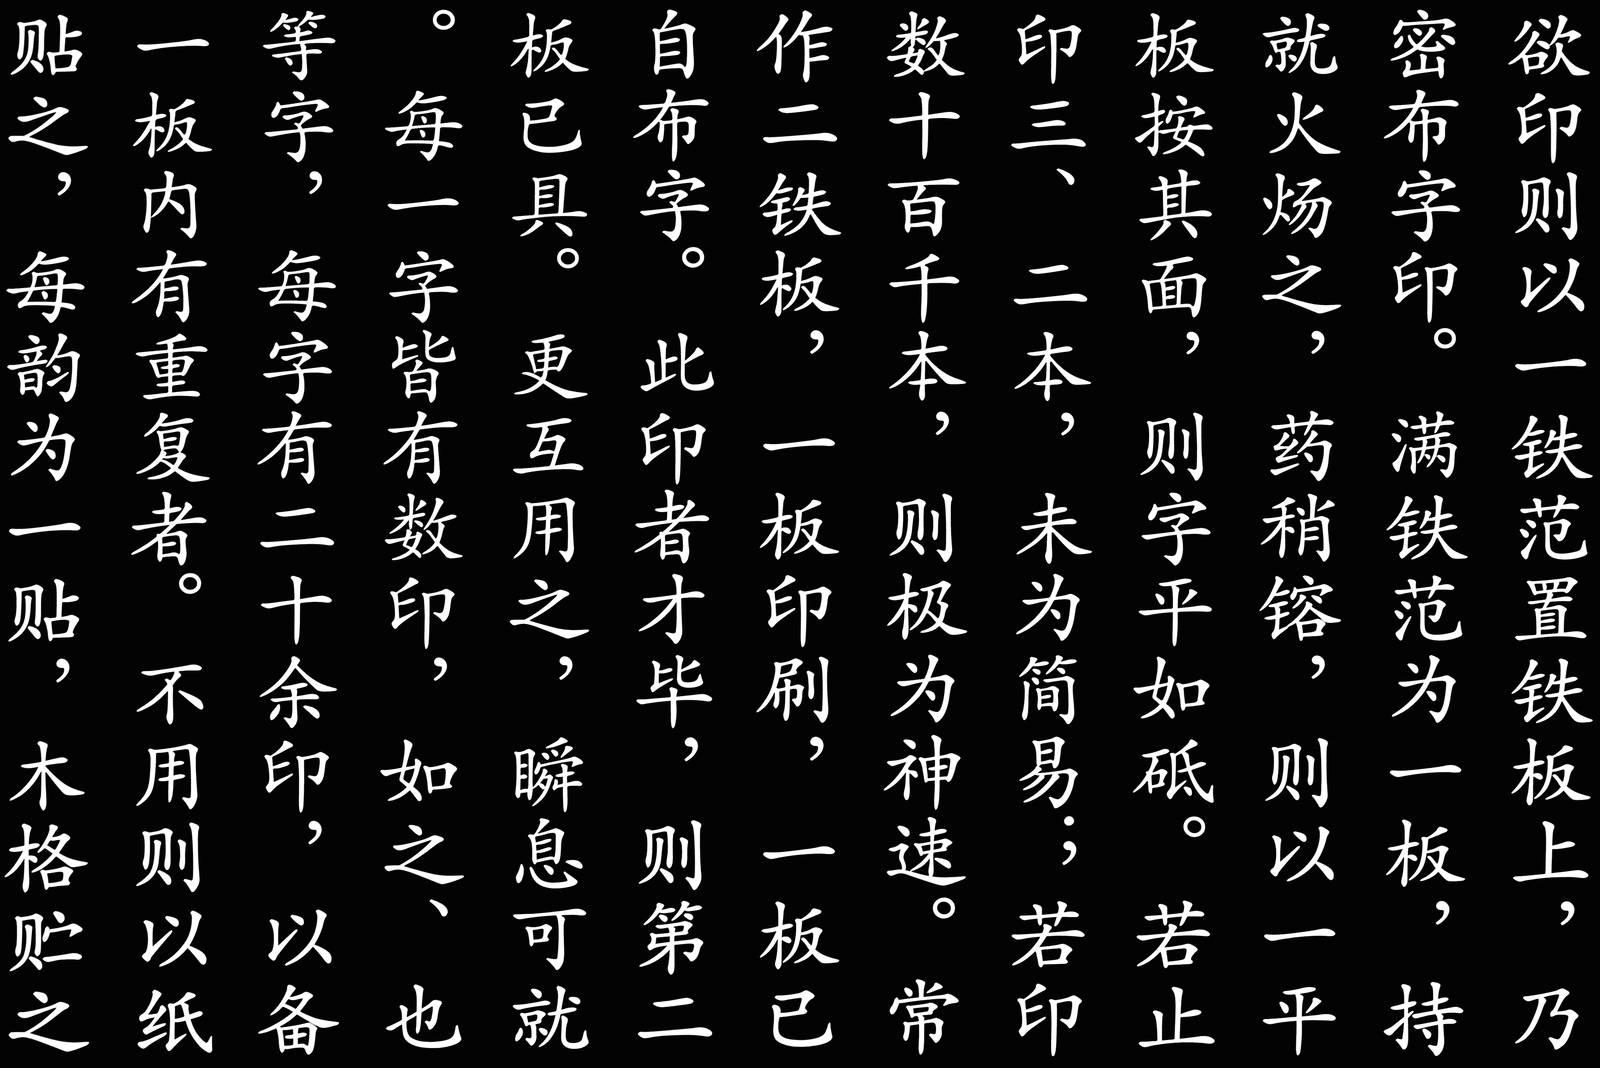 chinesisch china skript zeichen buchstaben muster